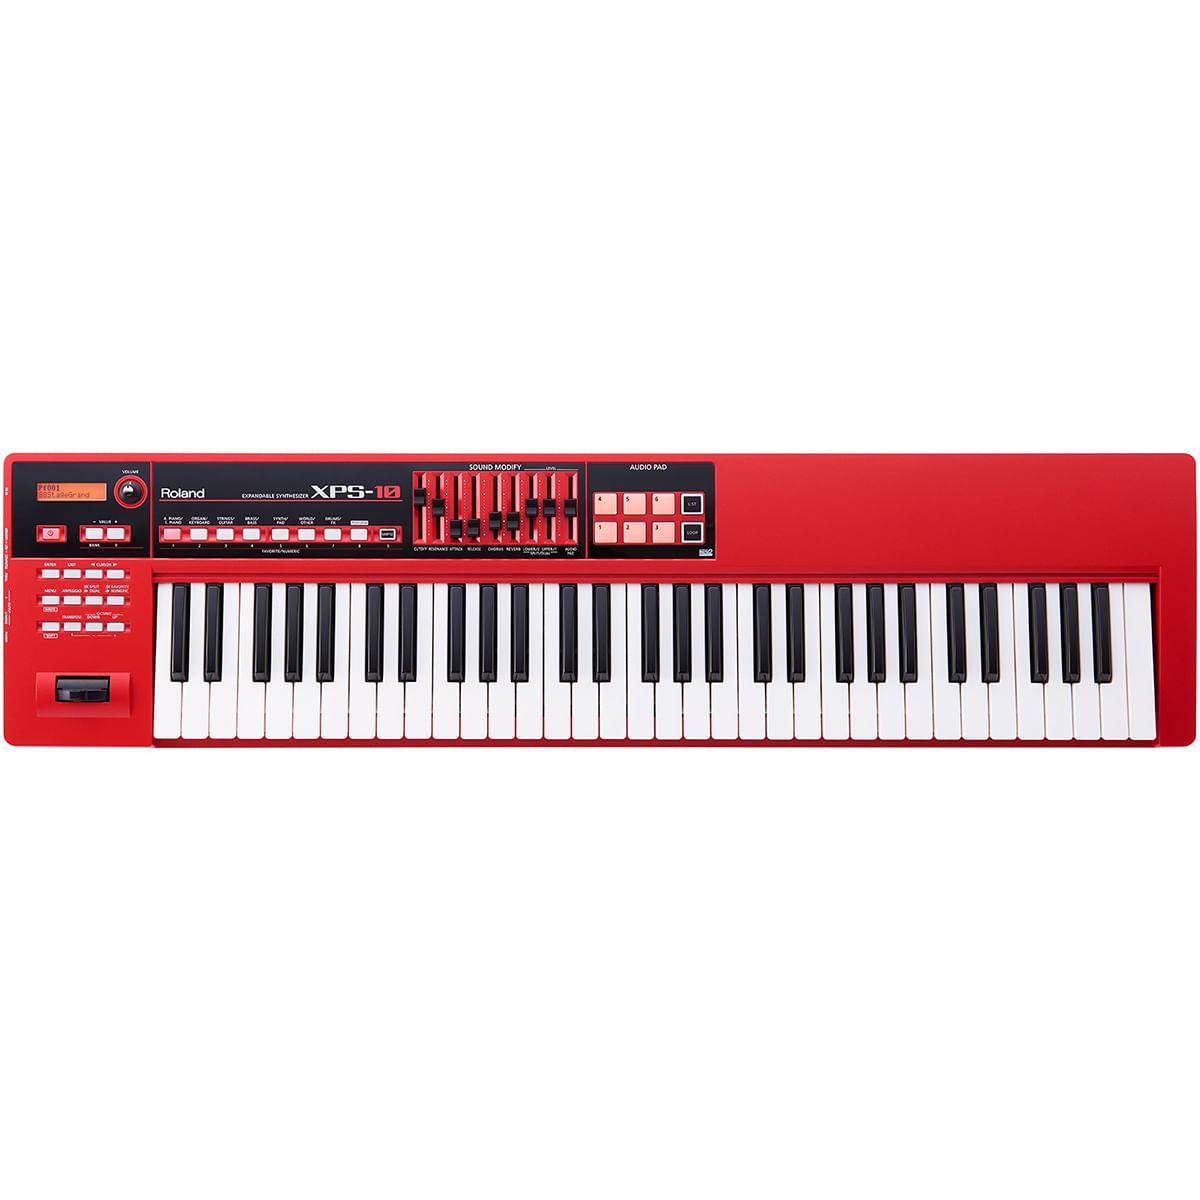 sintetizador-61-teclas-xps-10-rd-roland-29970-1